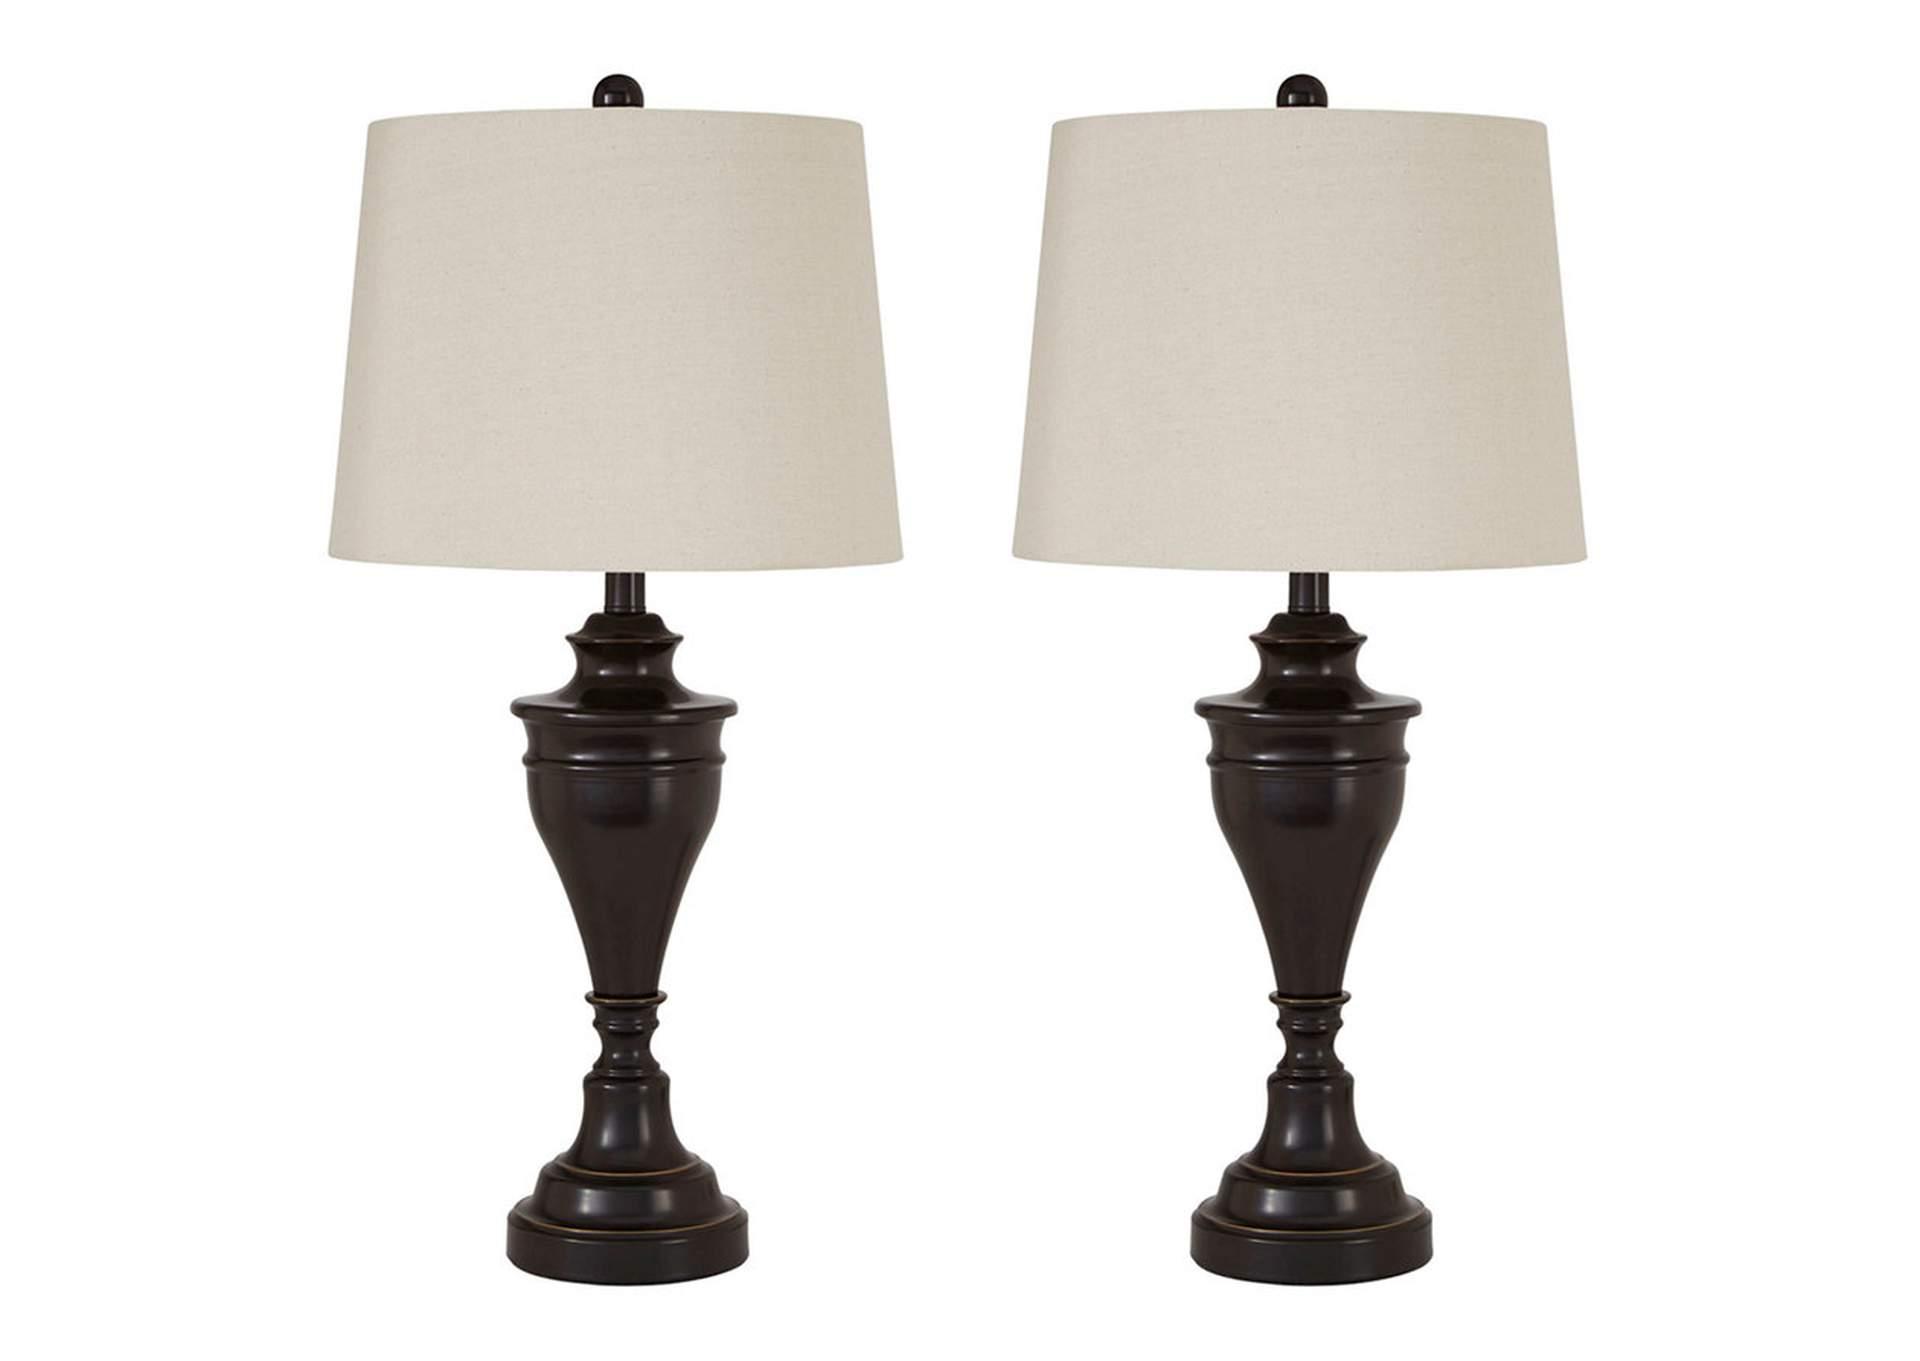 Lámpara de mesa Darlita, metálica con acabado de bronce   PEDIDO ESPECIAL